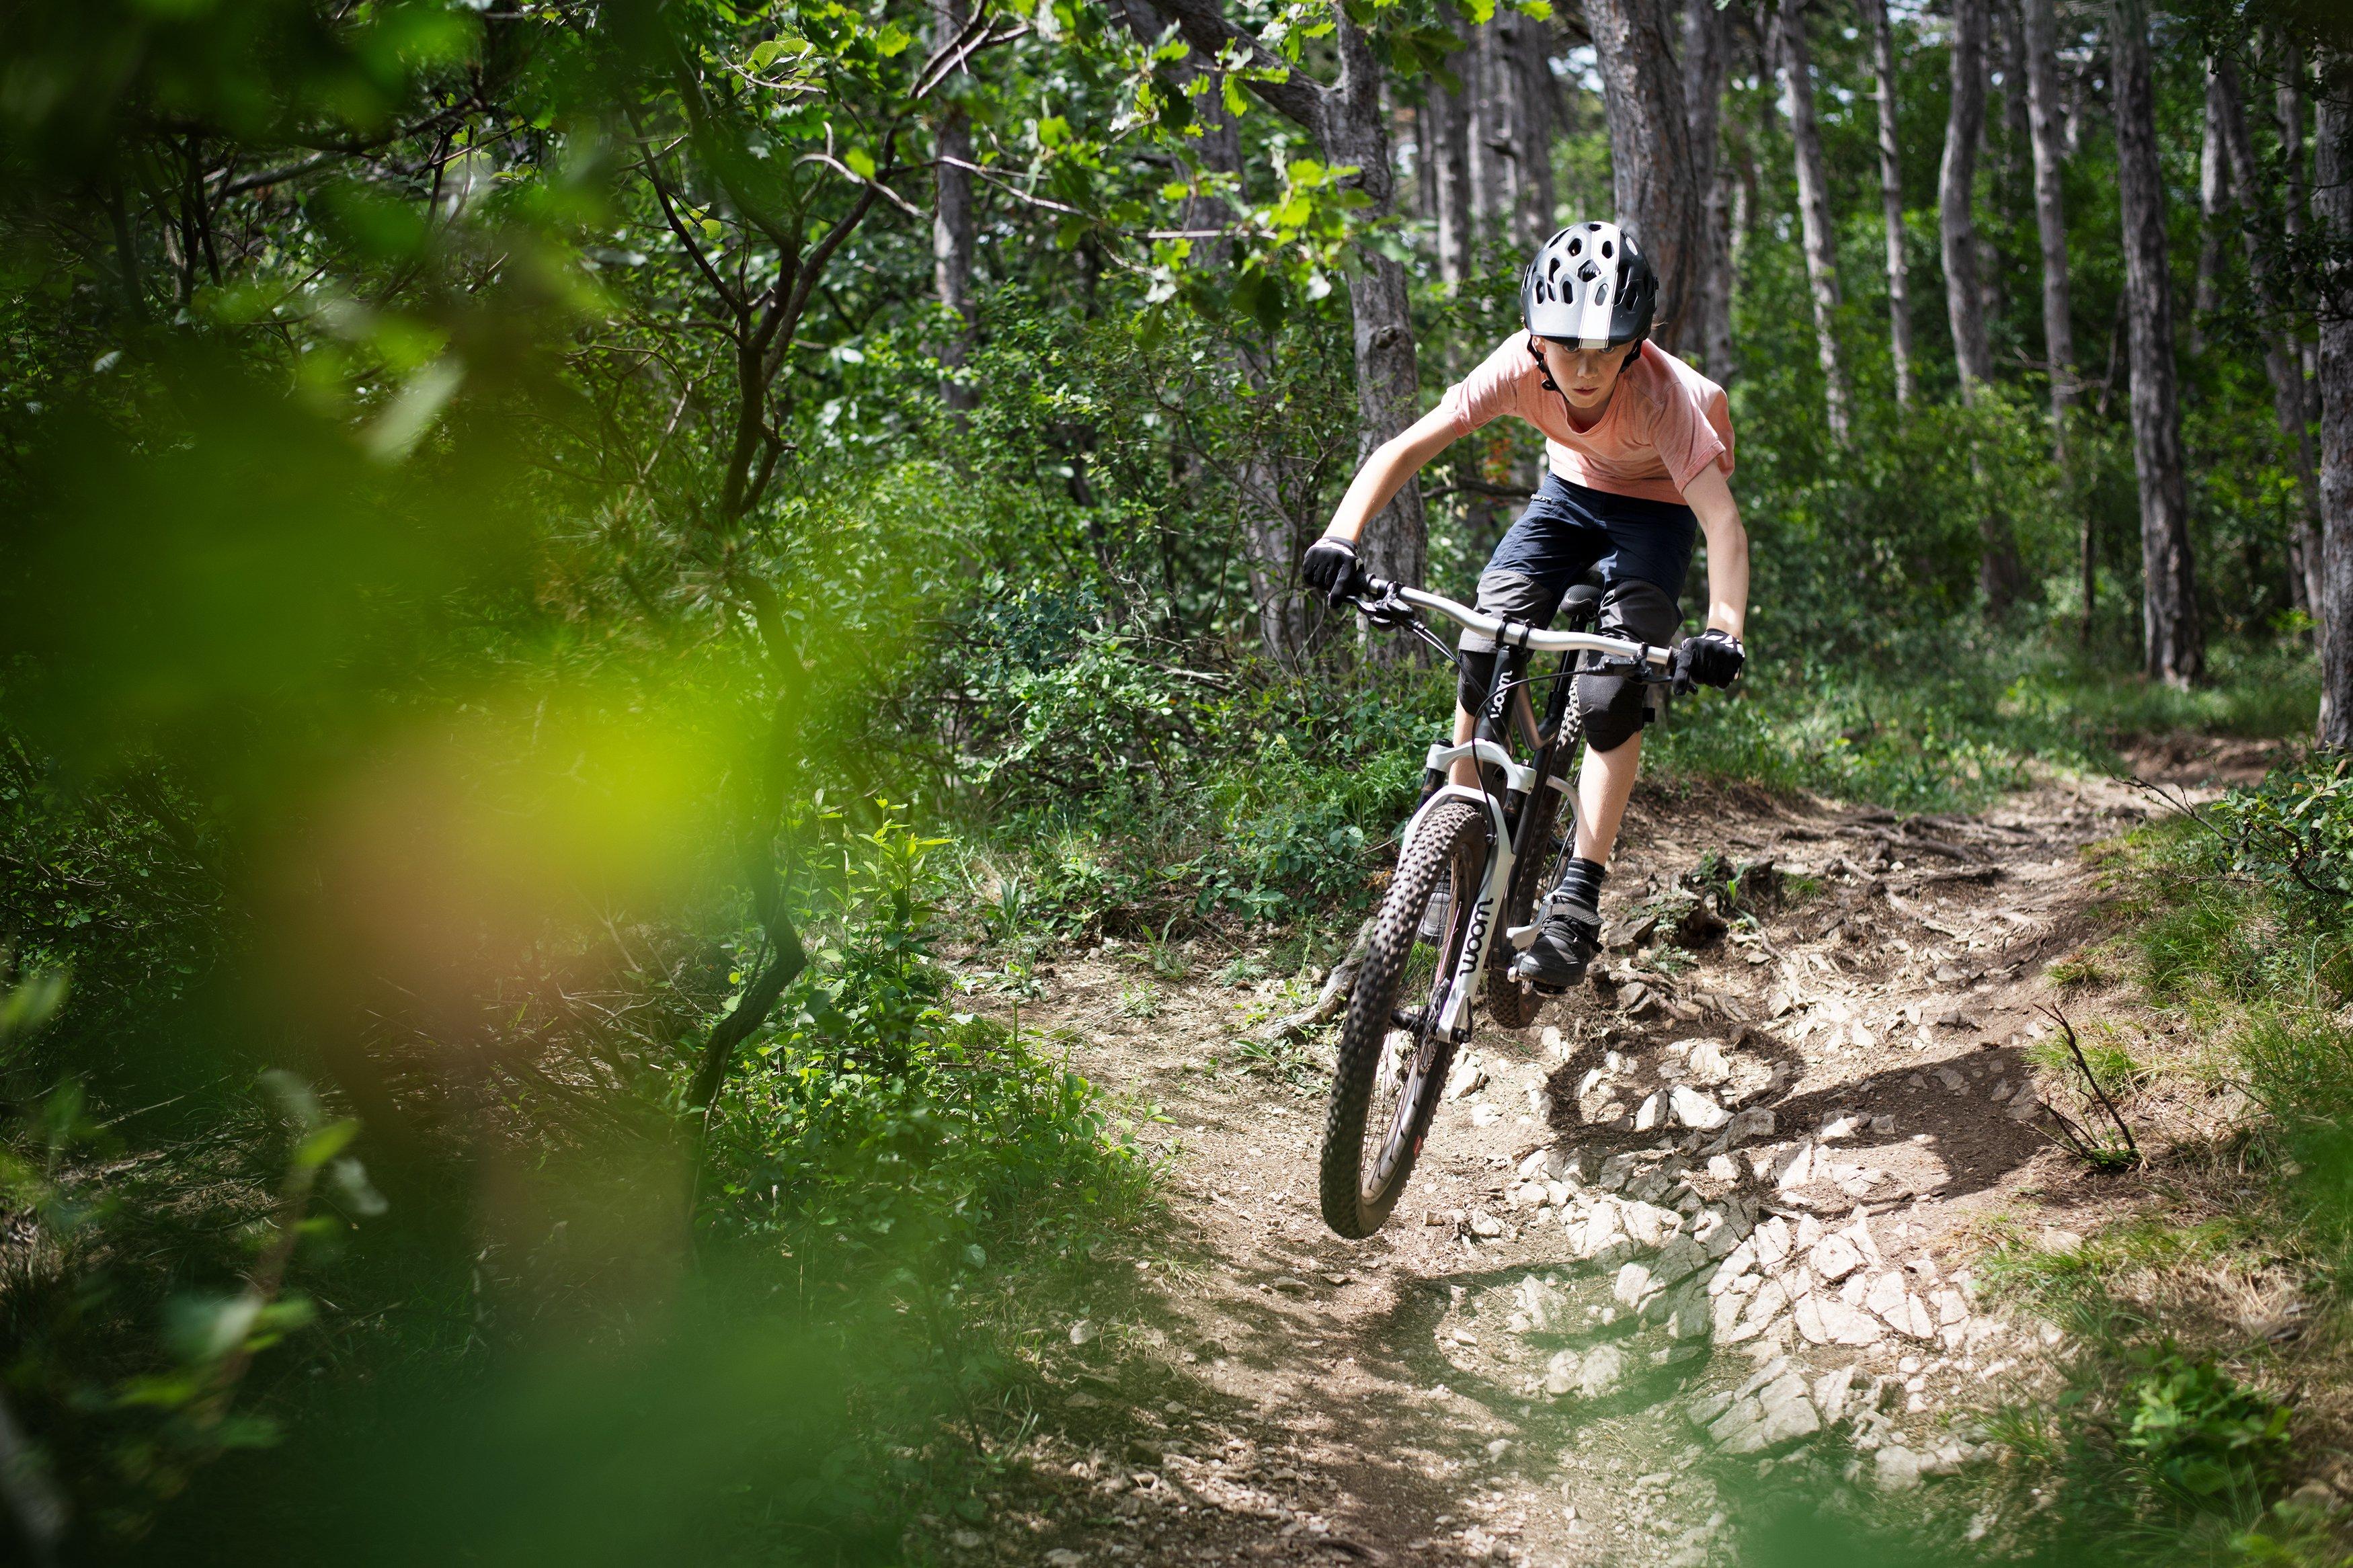 Jugendlicher mit woom Mountainbike offroad